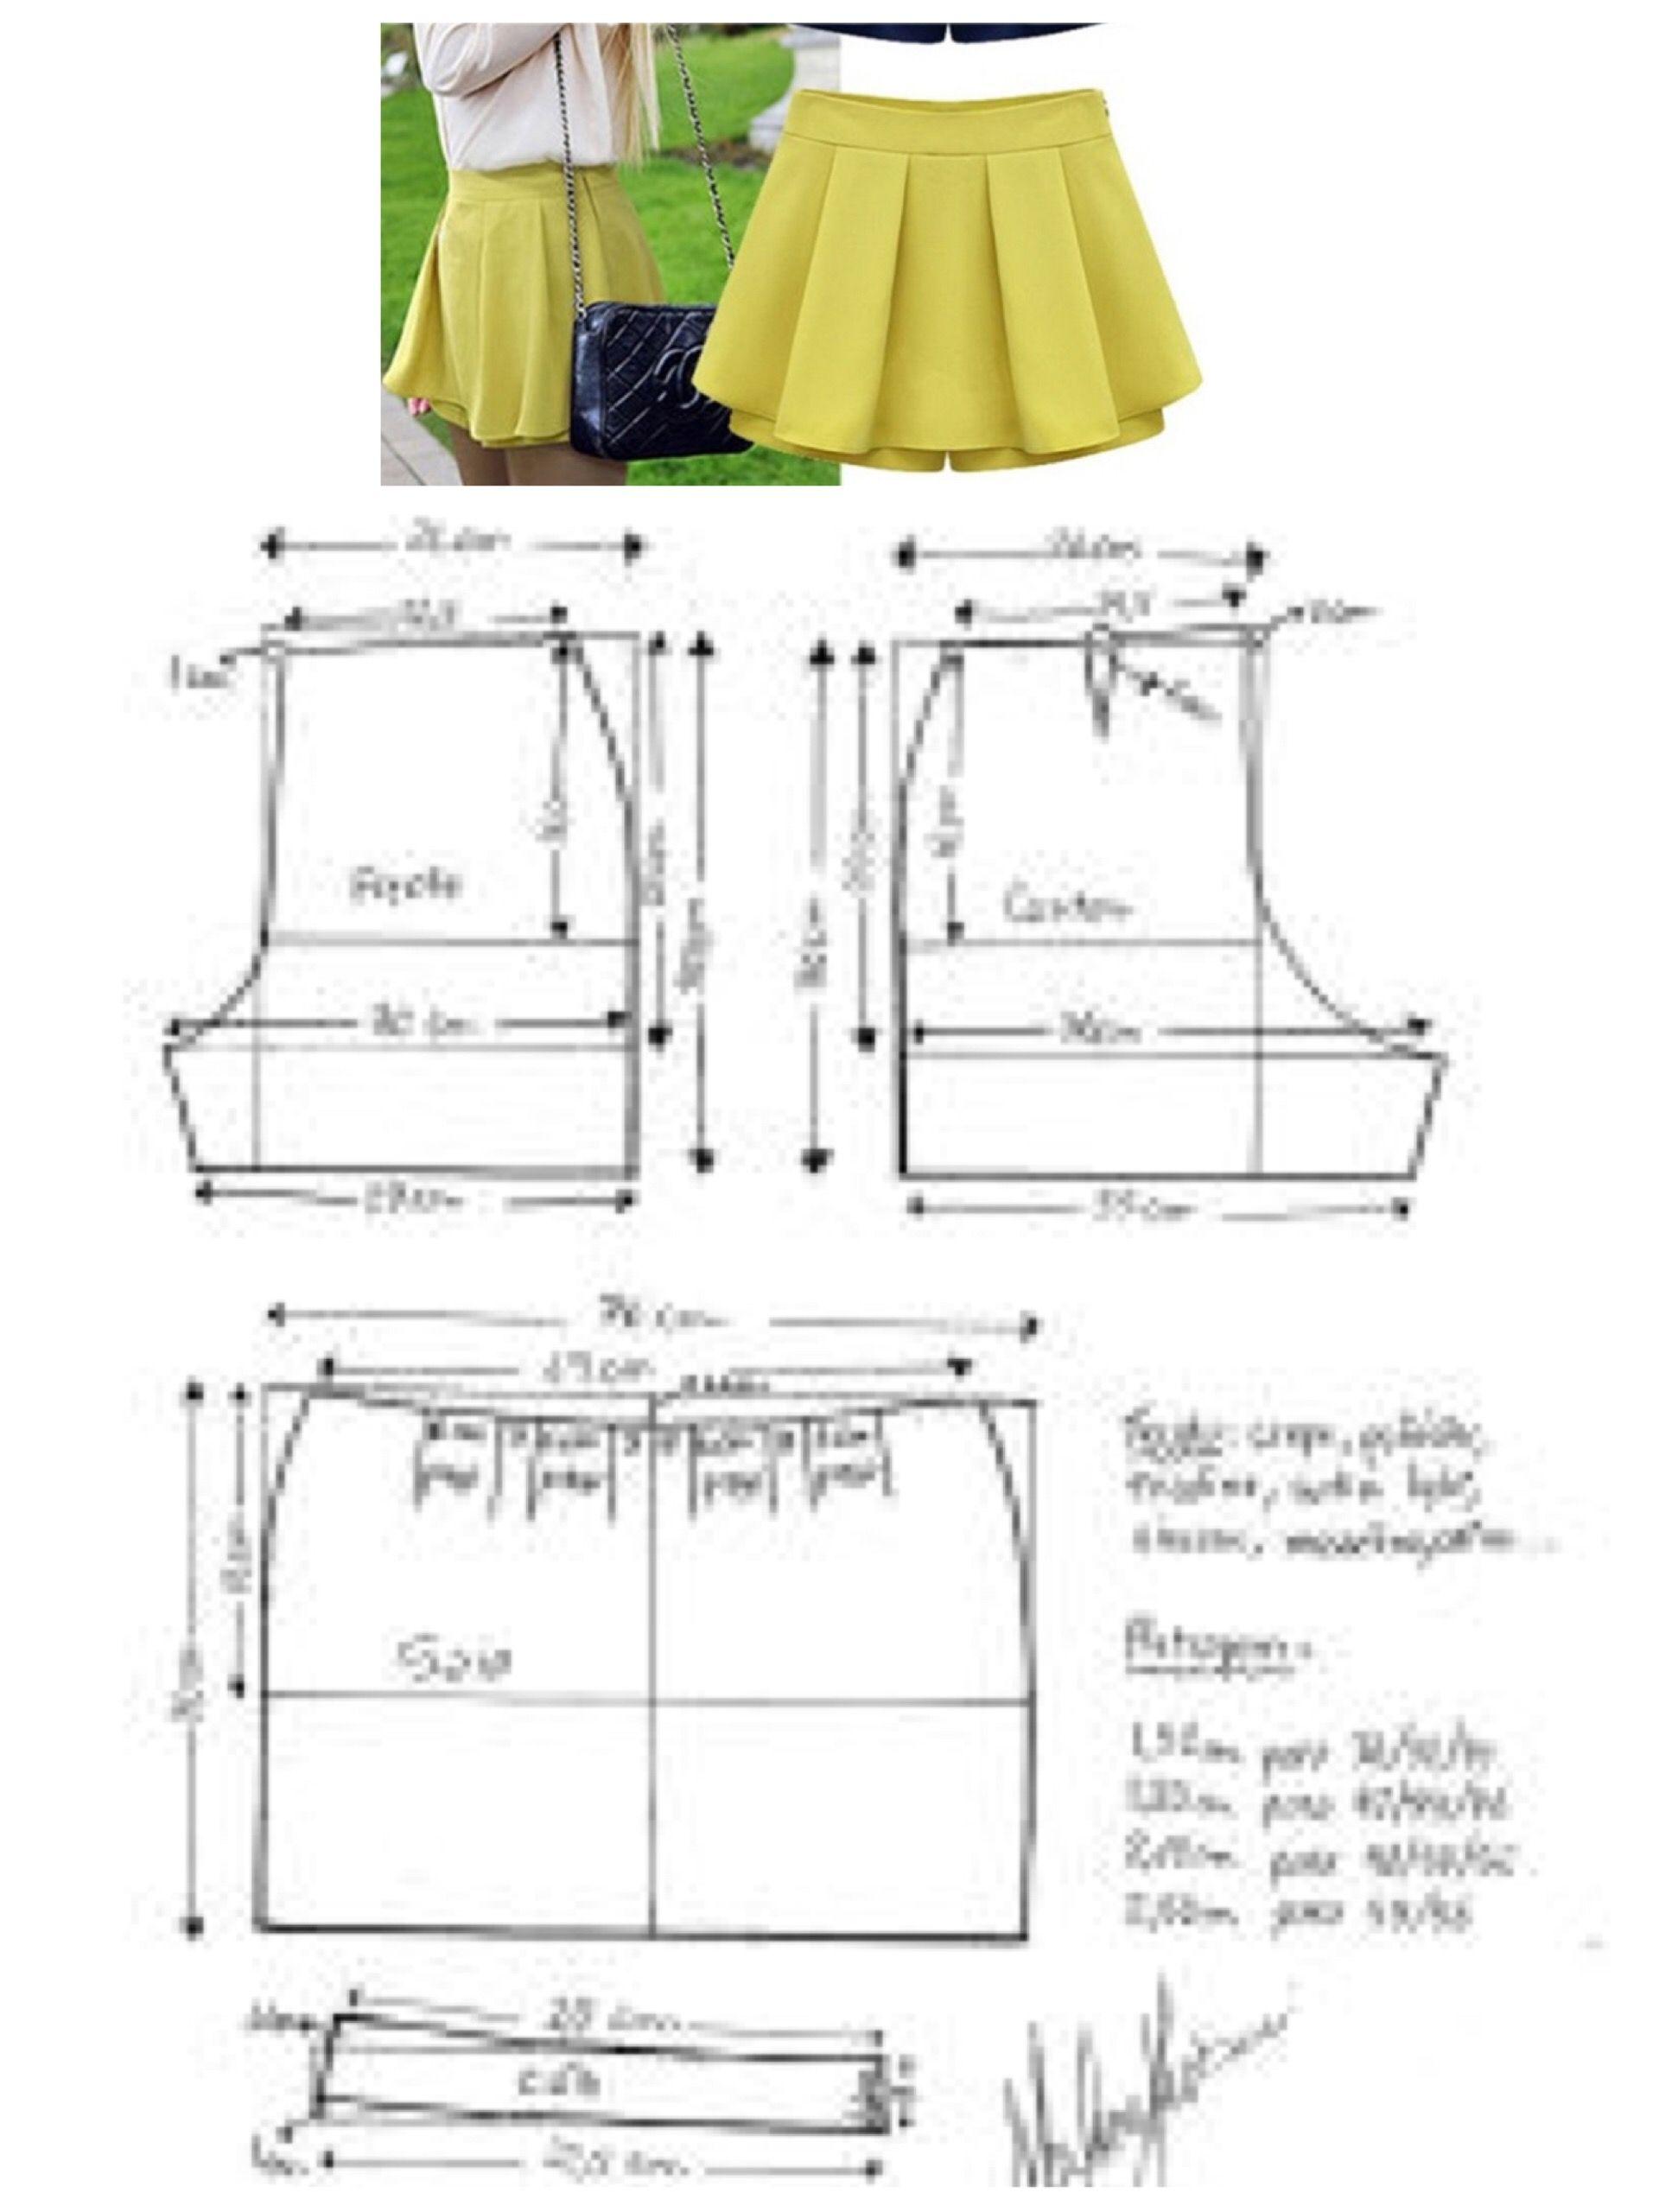 Pin de karelia briceño en diy costuras | Couture, Patron couture y ...